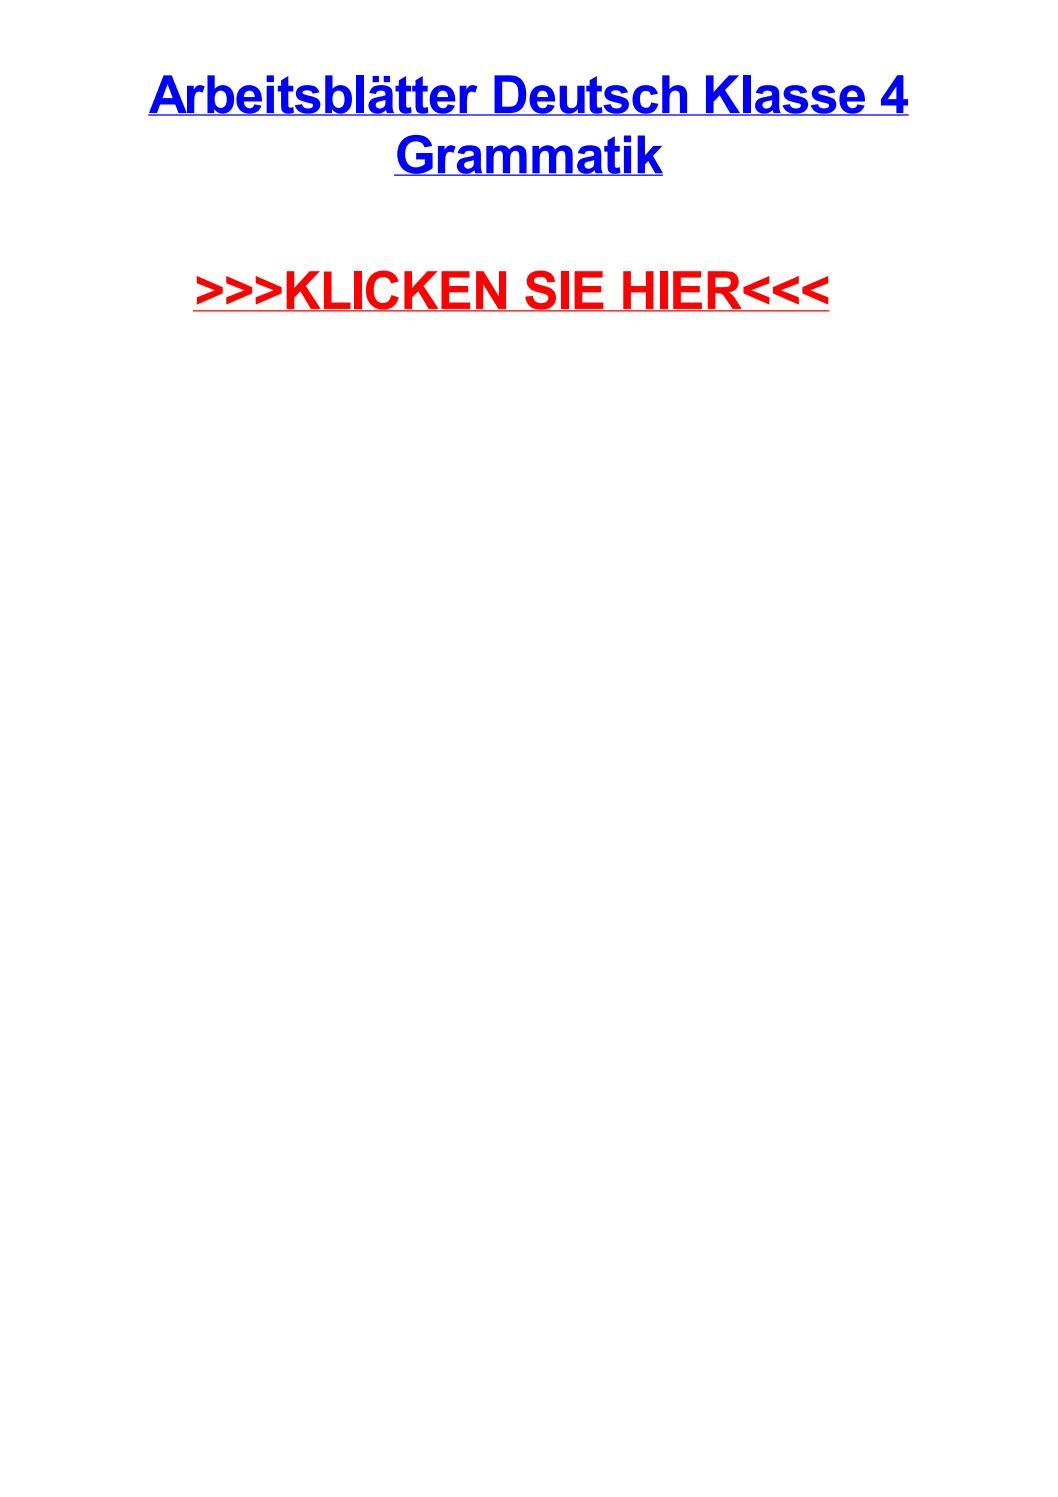 Arbeitsbltter deutsch klasse 4 grammatik by ashleyszph - issuu